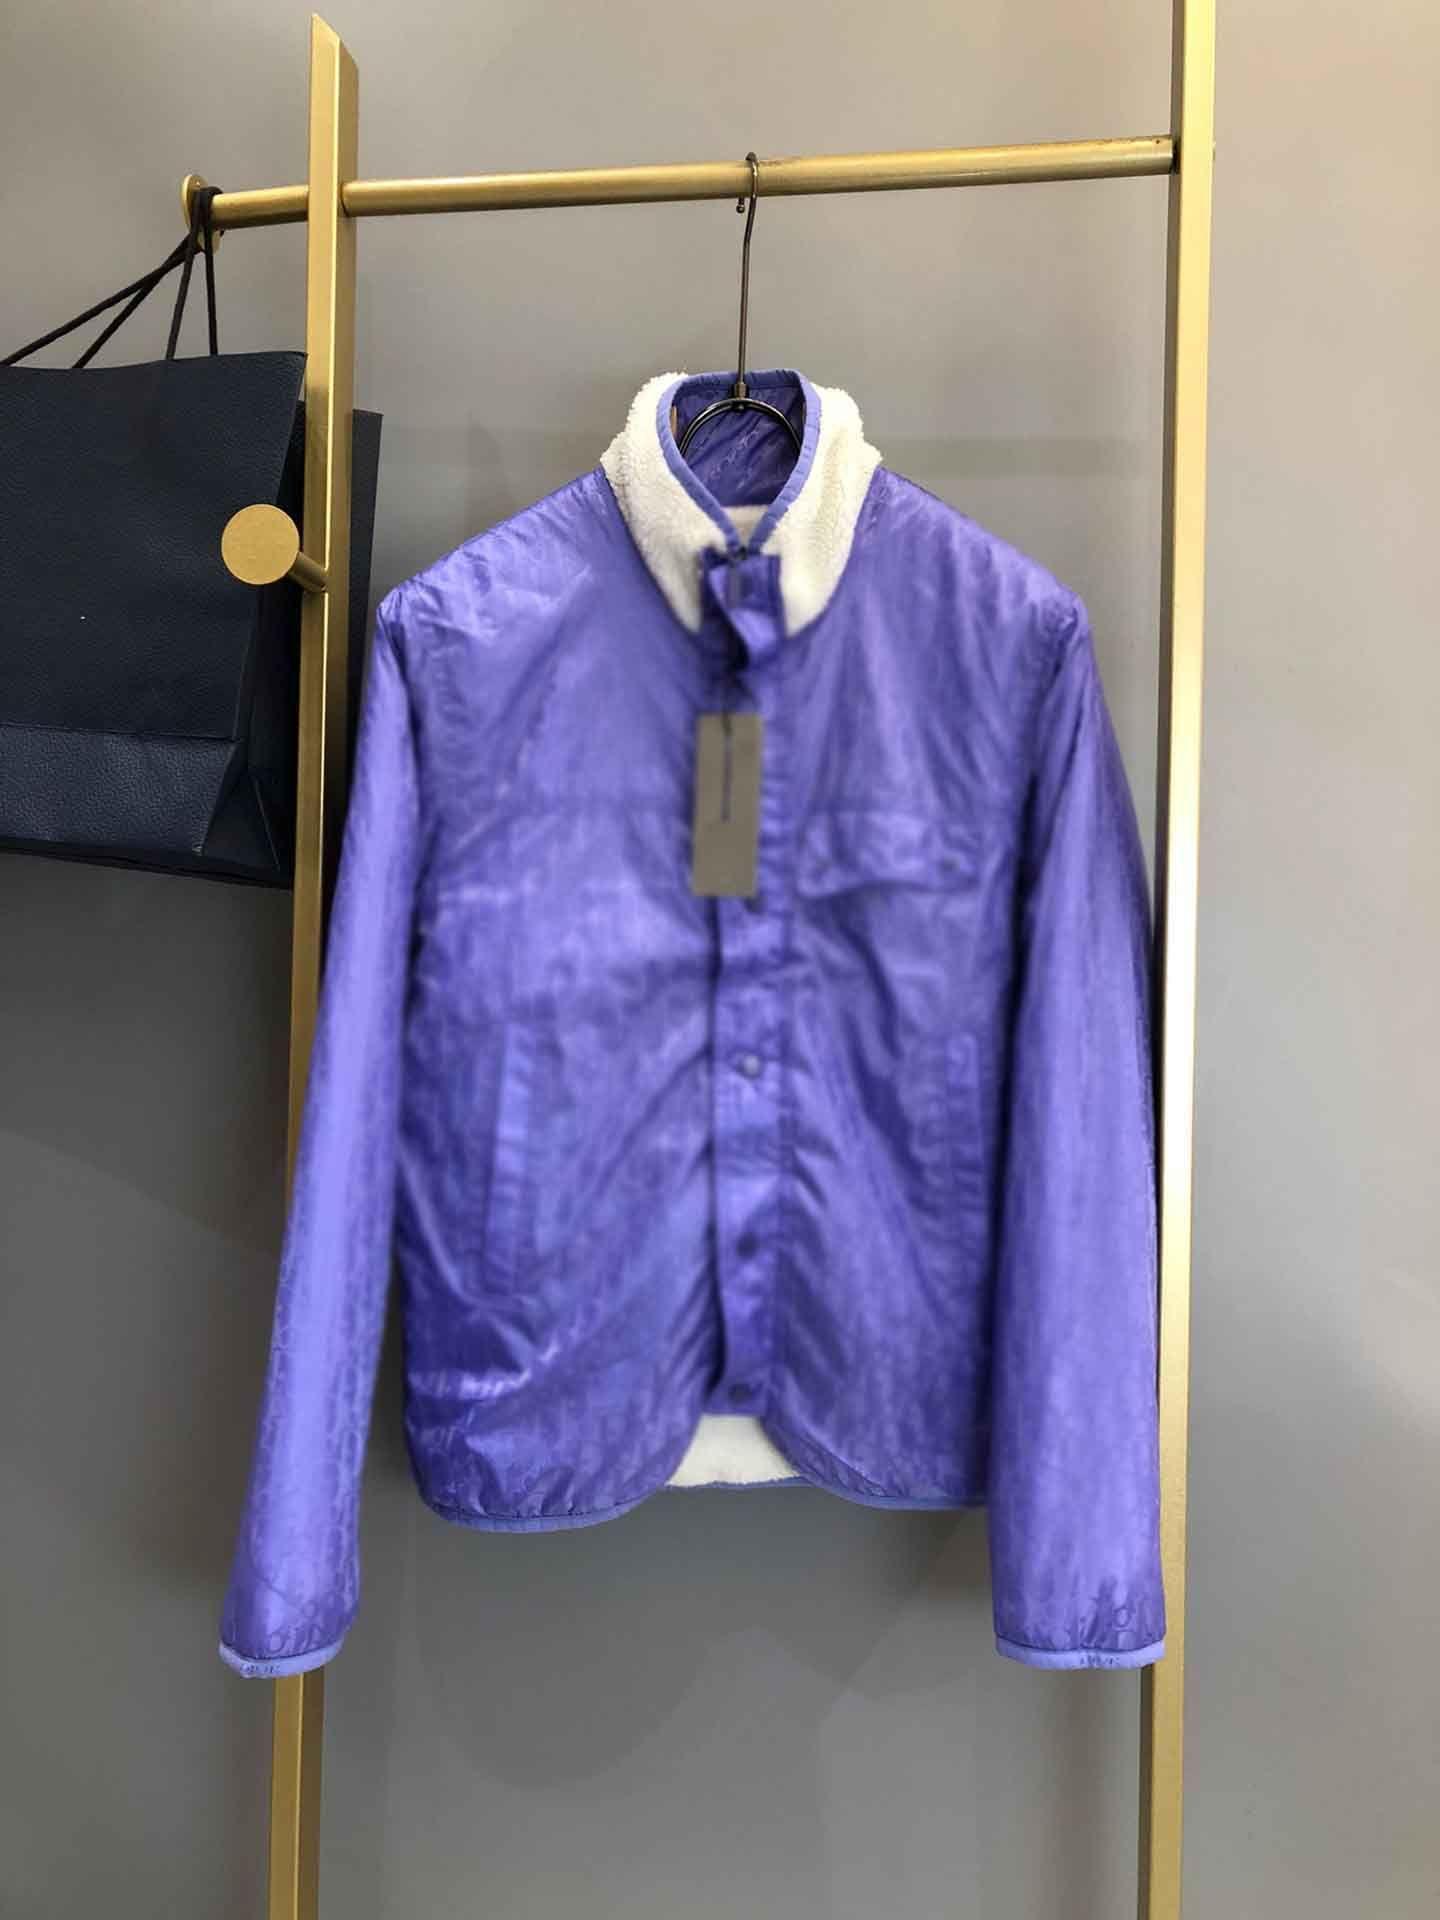 2021 Nouveau pantalon de plage Site officiel Synchrone Confortable Tissu imperméable Couleur des hommes: Image Code de couleur: M-XXXL AS1Q22S11